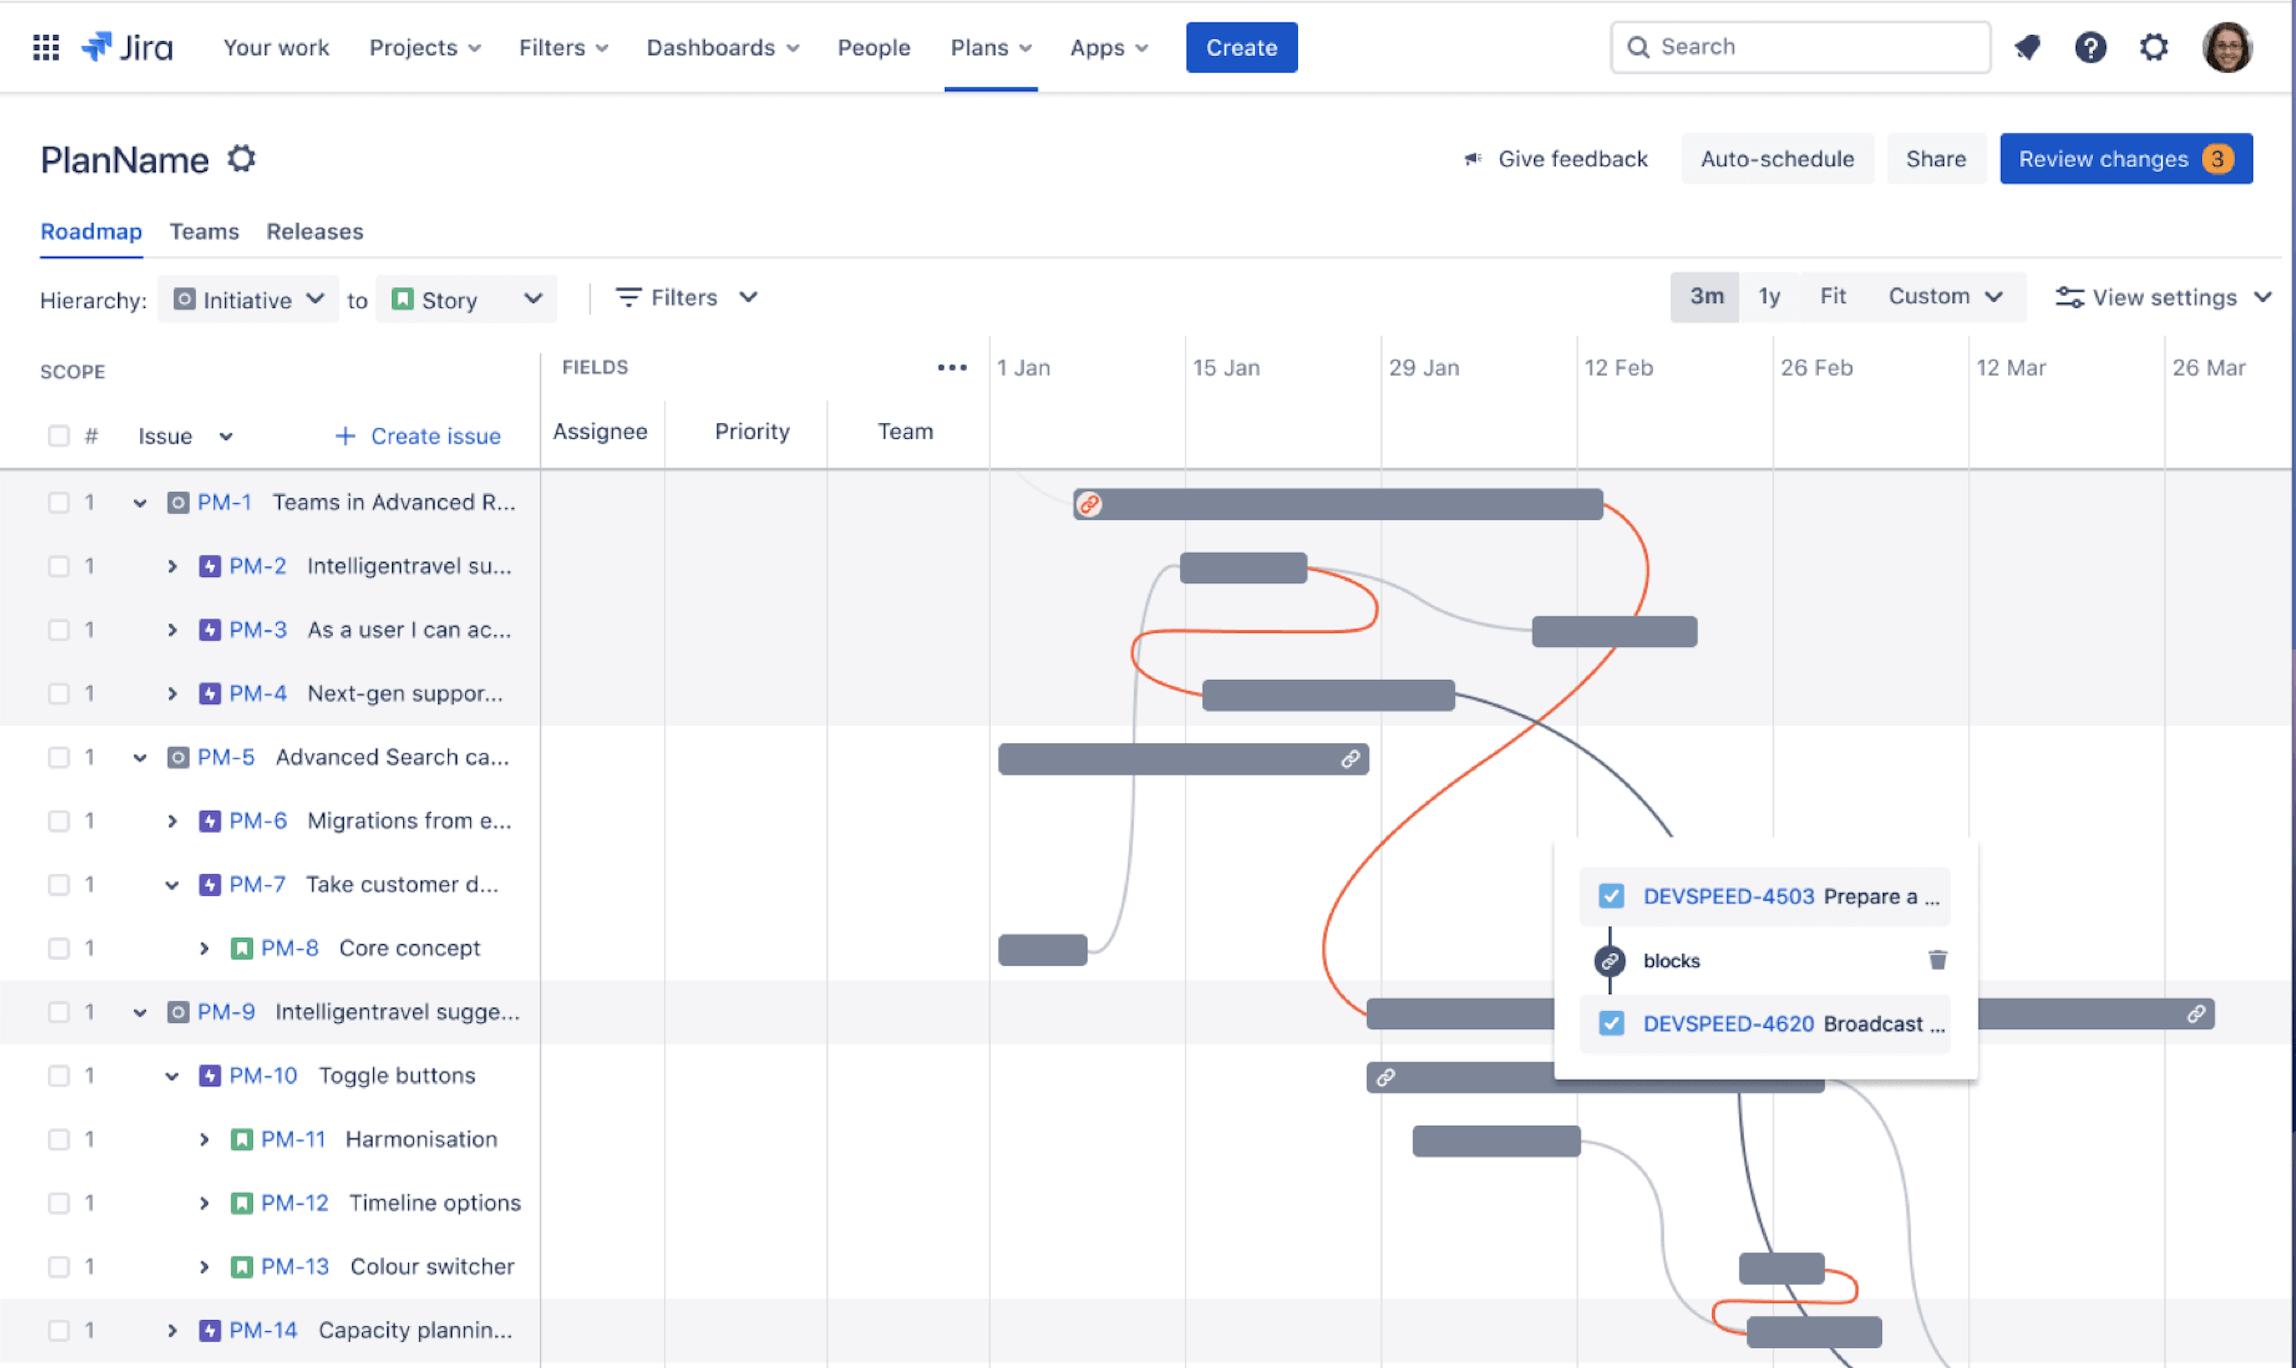 Vista Timeline e Dipendenze di Advanced Roadmaps nella scheda Roadmap